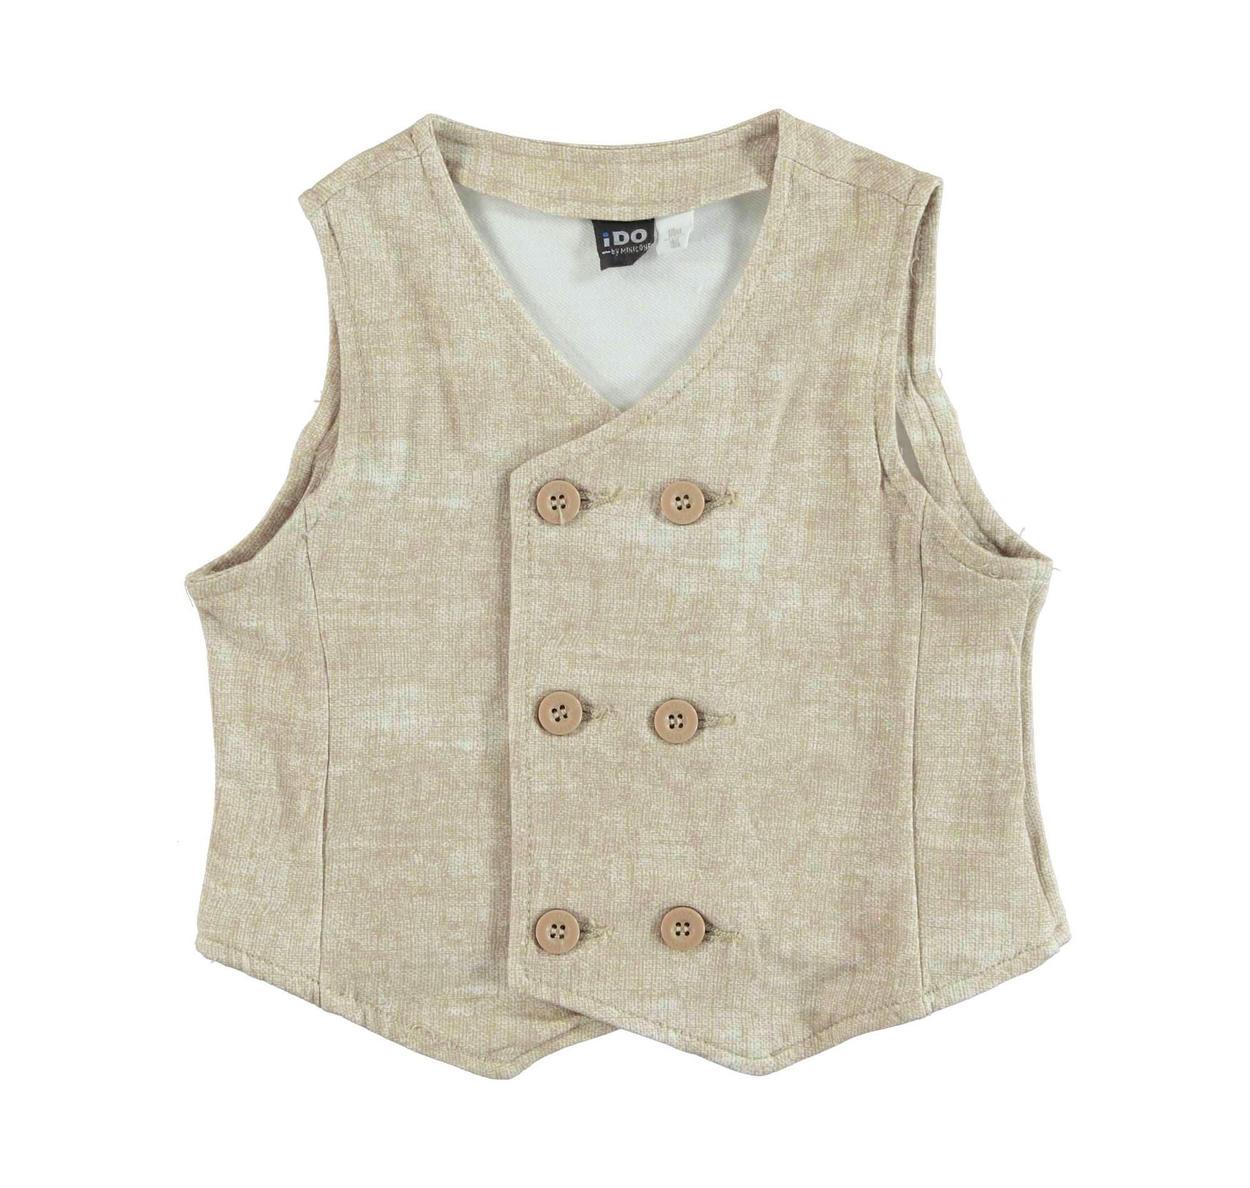 5dac48c59ae2e6 Gilet doppiopetto in felpa stretch stampa melange per bambino da 6 mesi a 7  anni iDO